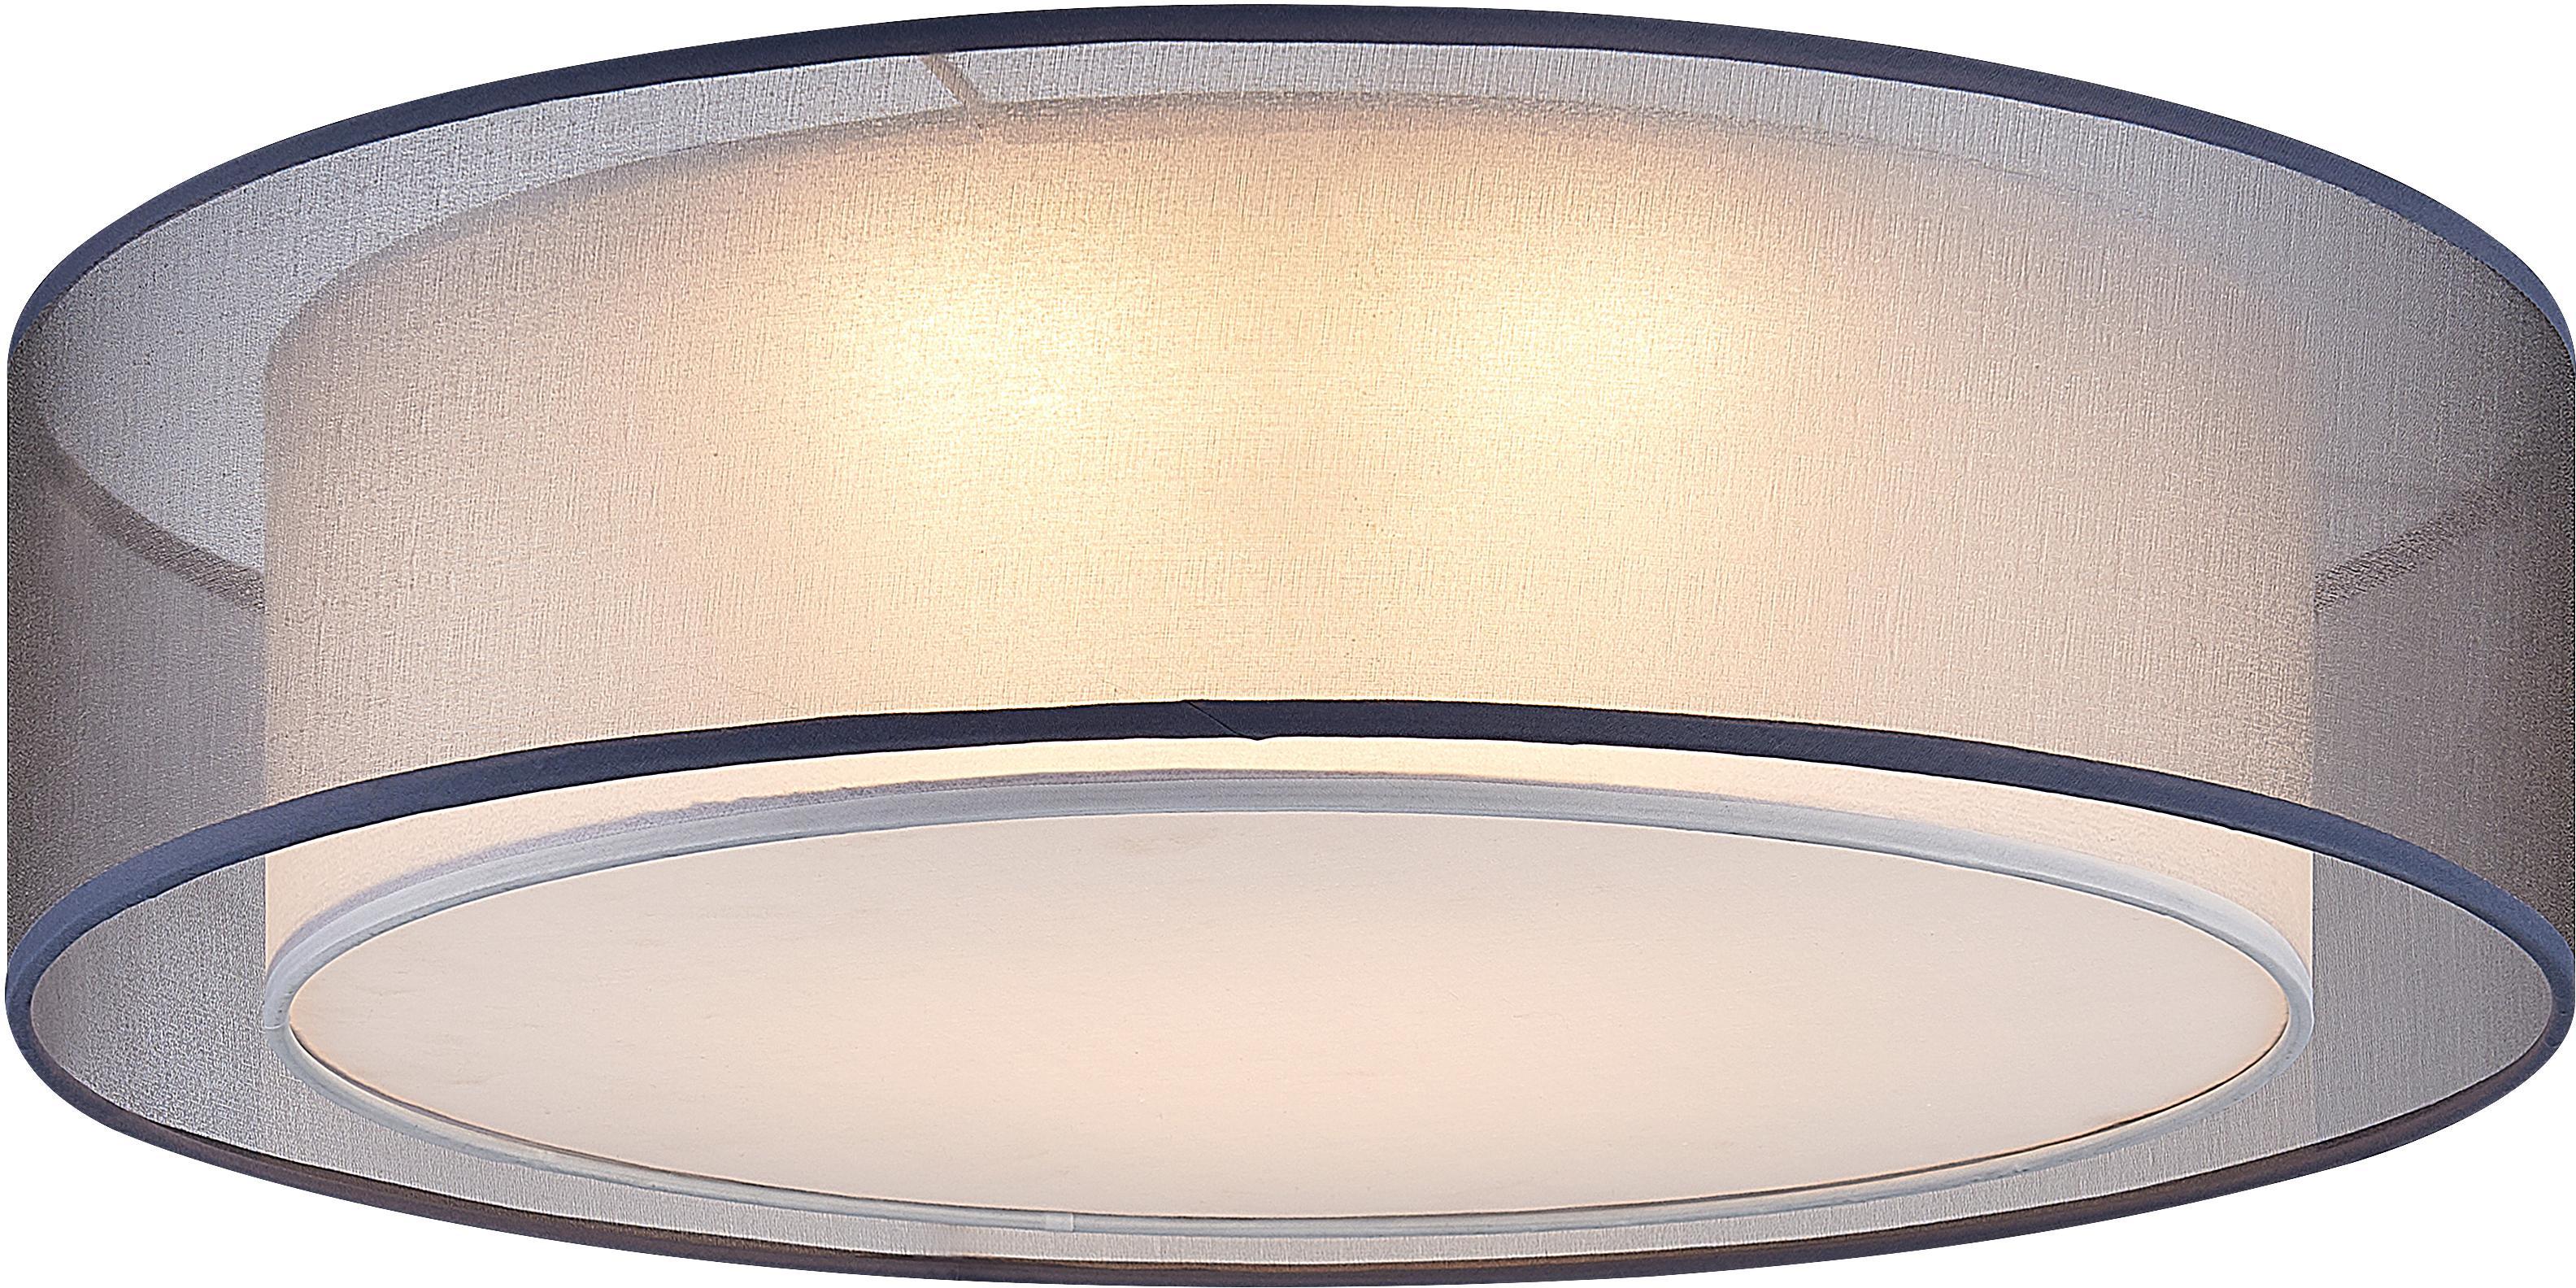 Nino Leuchten,LED Deckenleuchte CHLOE